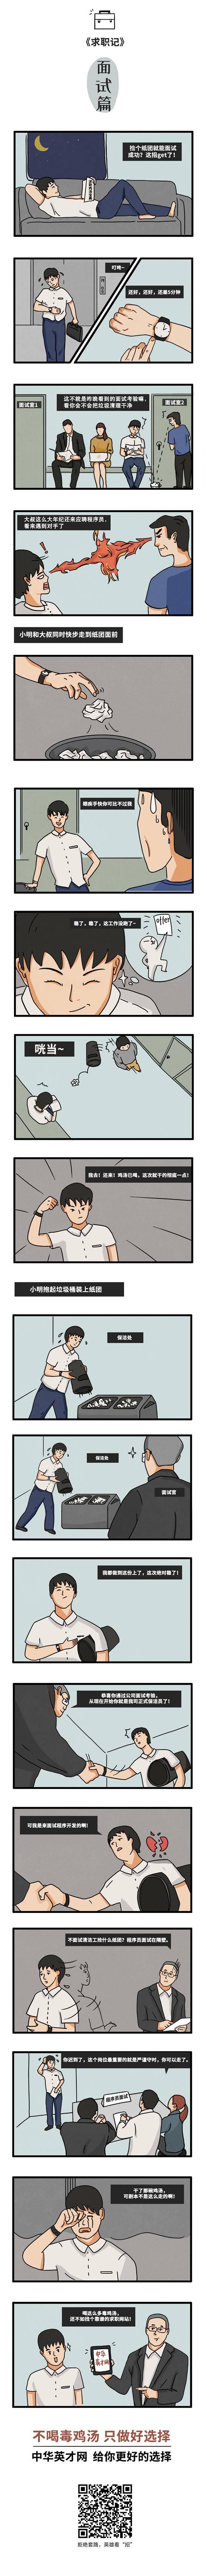 """中华英才网倡导拒绝""""毒鸡汤"""",网友:人生不易 不需要那么多""""演技""""-C3动漫网"""